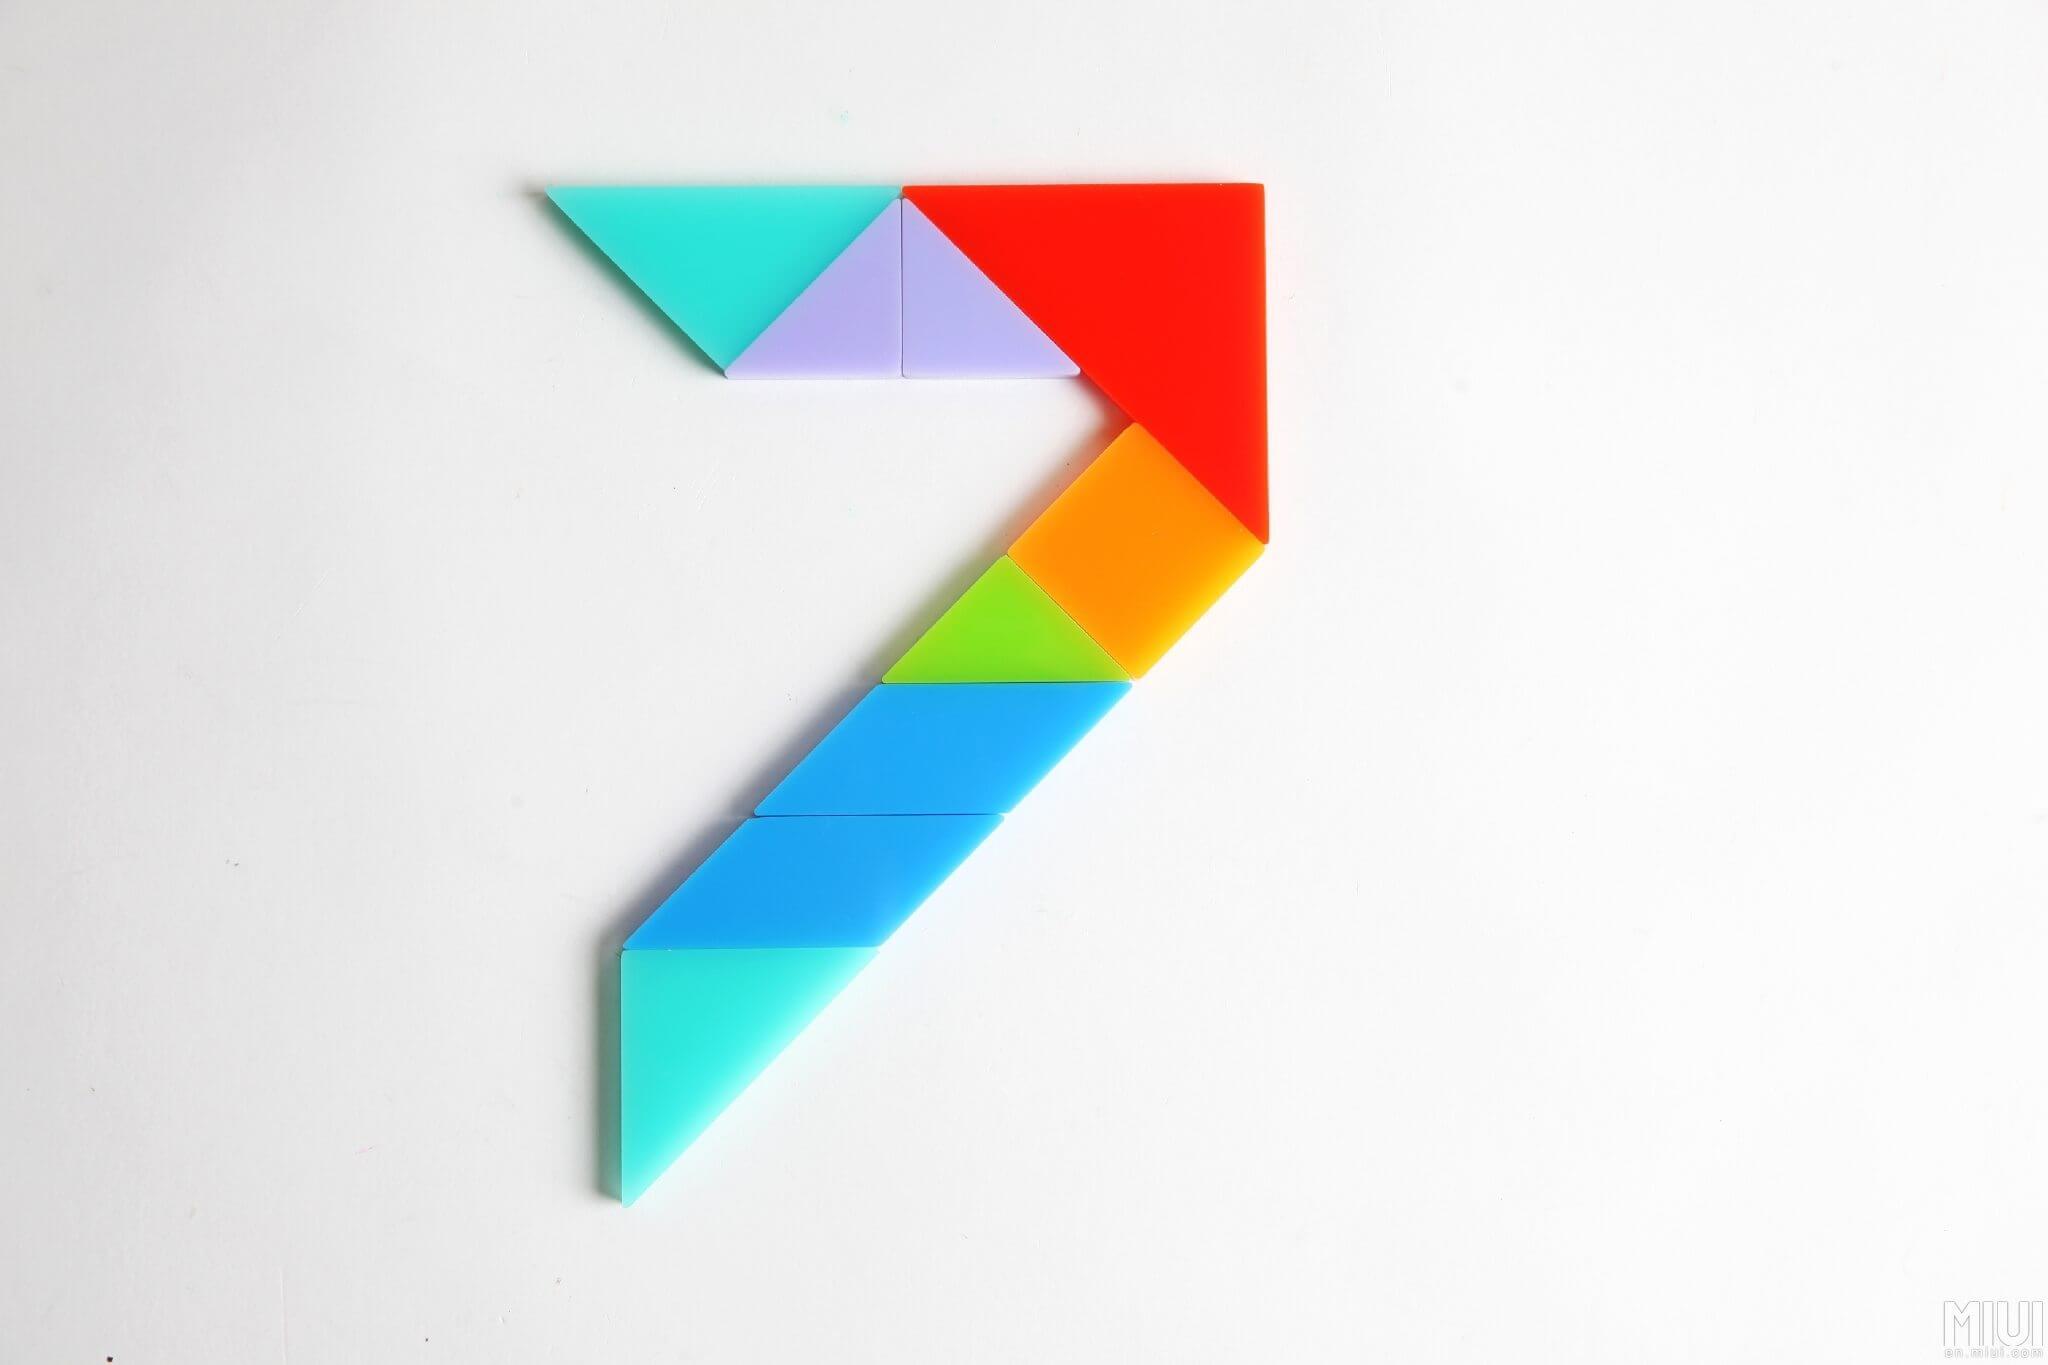 miui 7 3 - Xiaomi anuncia parceria com a Vivo e data de lançamento da MIUI 7 no Brasil